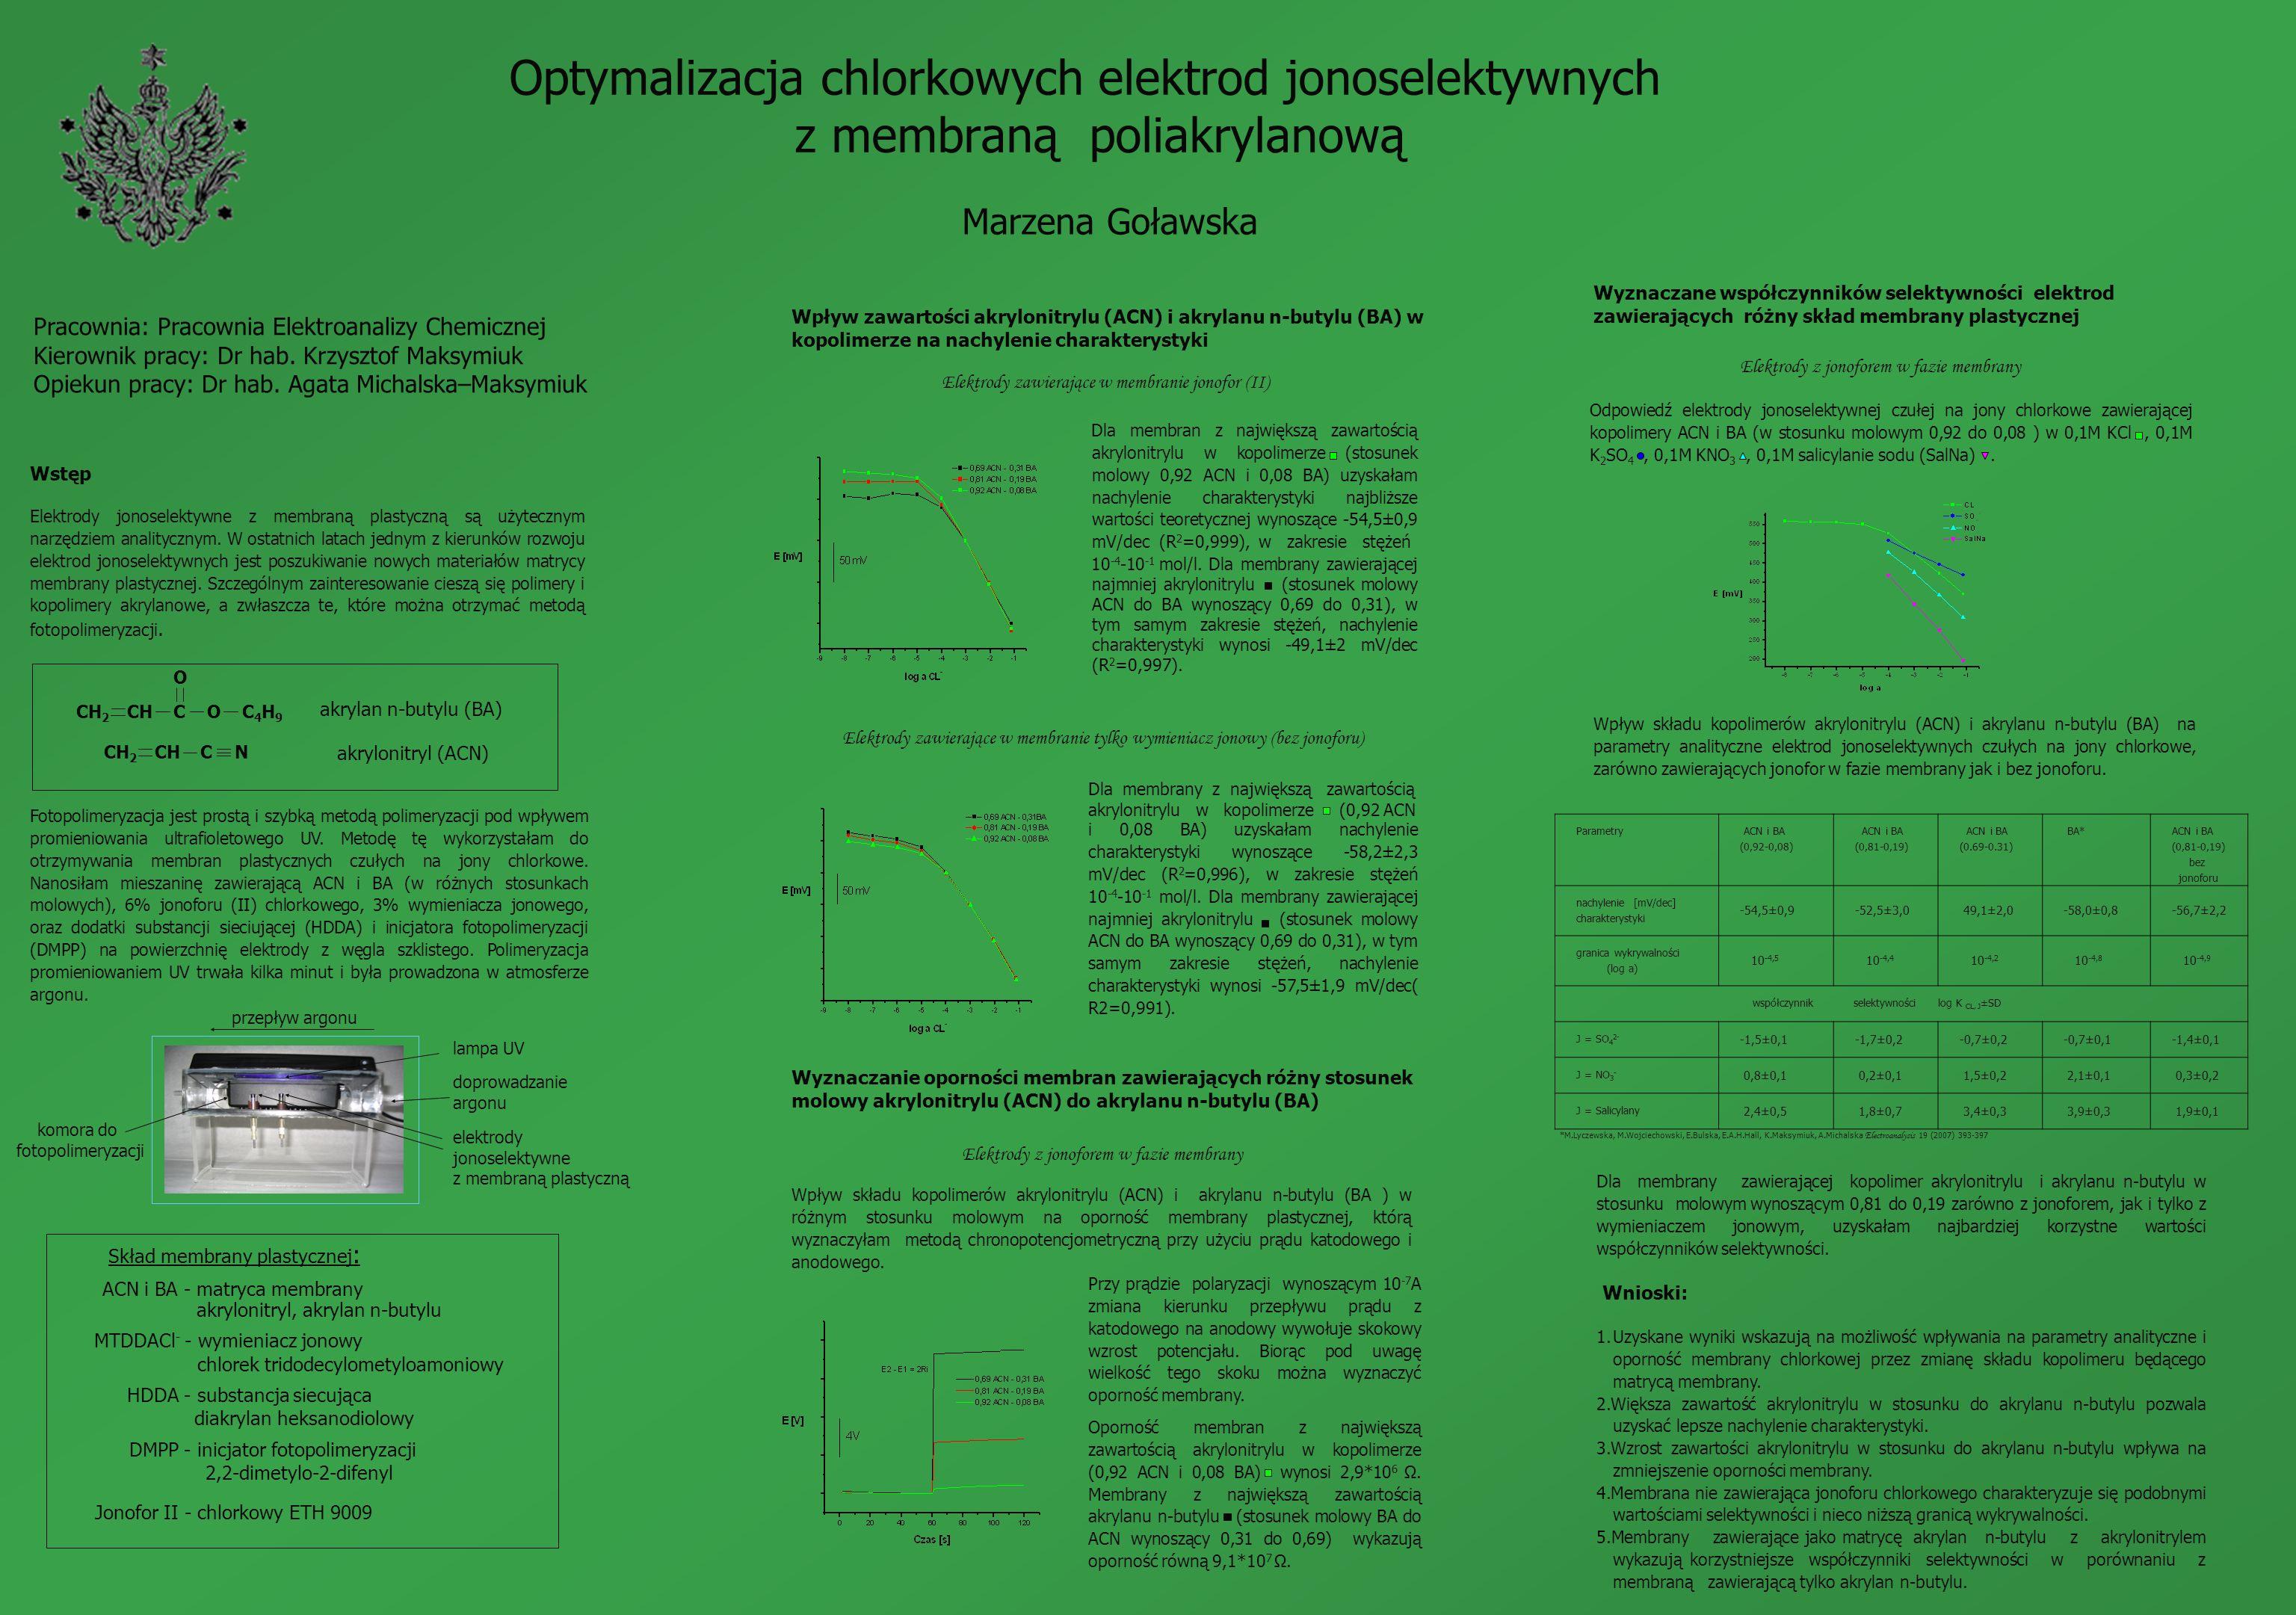 Optymalizacja chlorkowych elektrod jonoselektywnych z membraną poliakrylanową